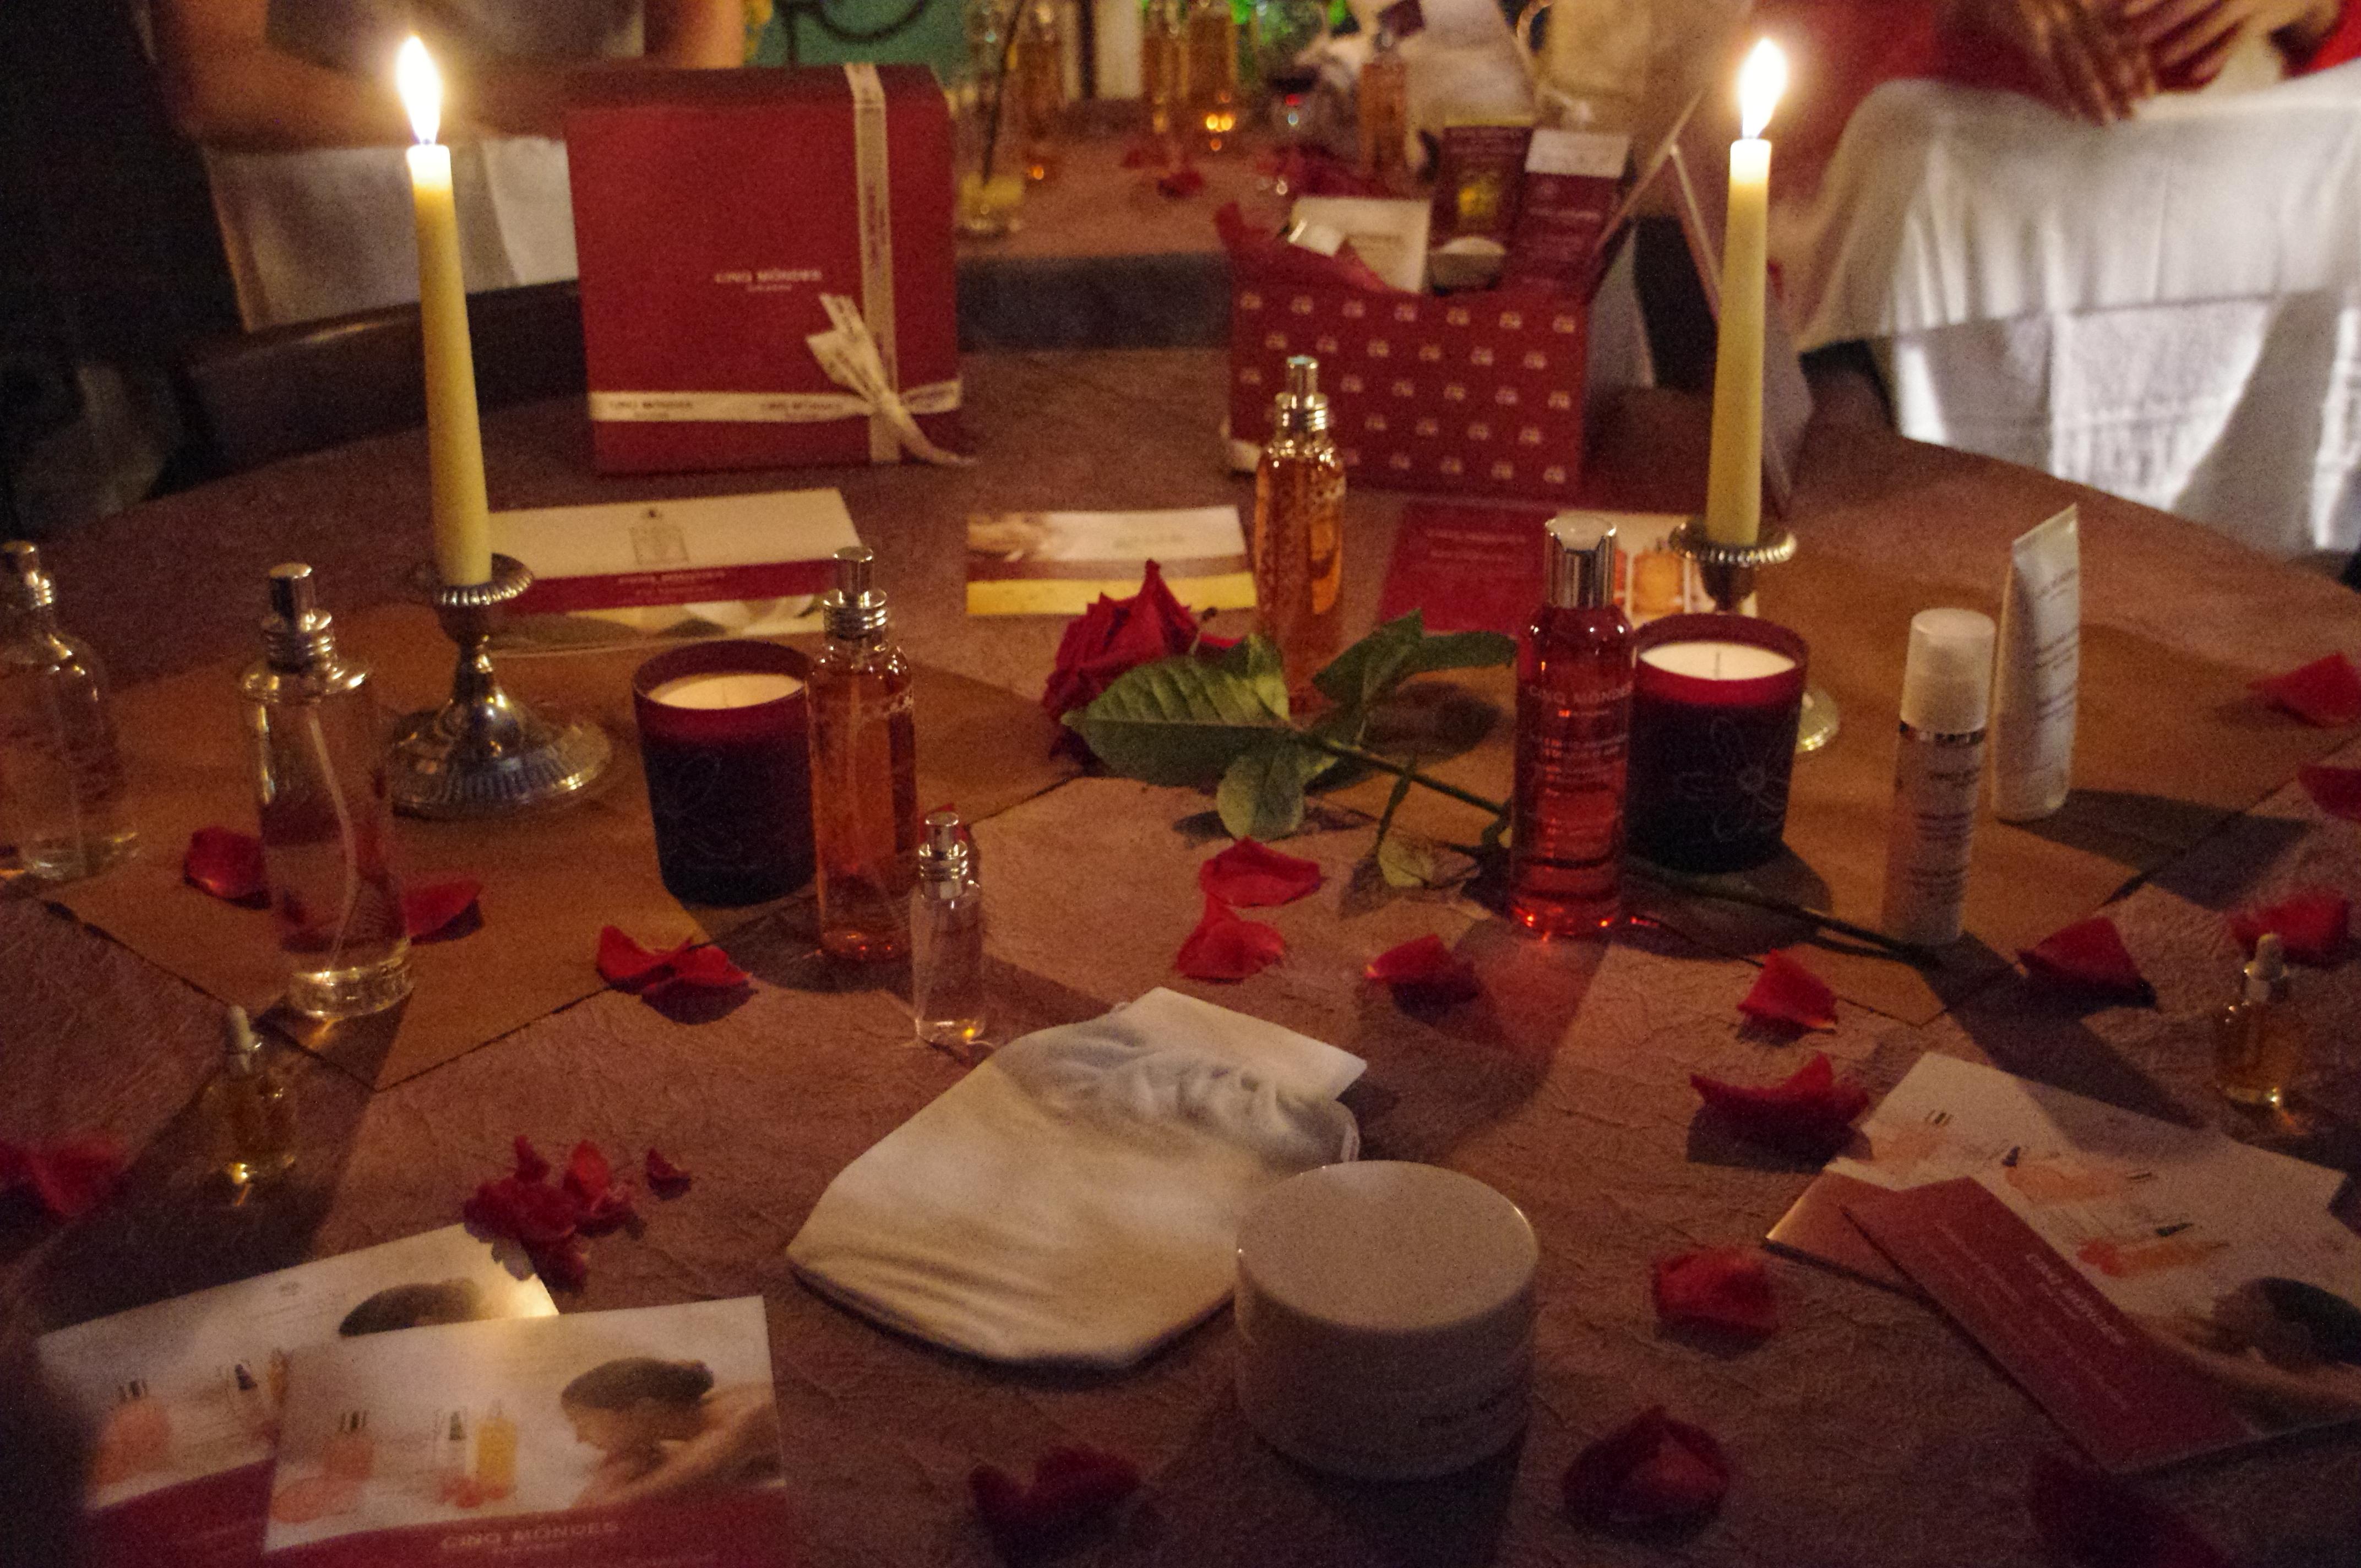 Poulette party,Remington, Cinq Mondes, Secrets de miel, Santé, Mysekit, Mille et une nuits